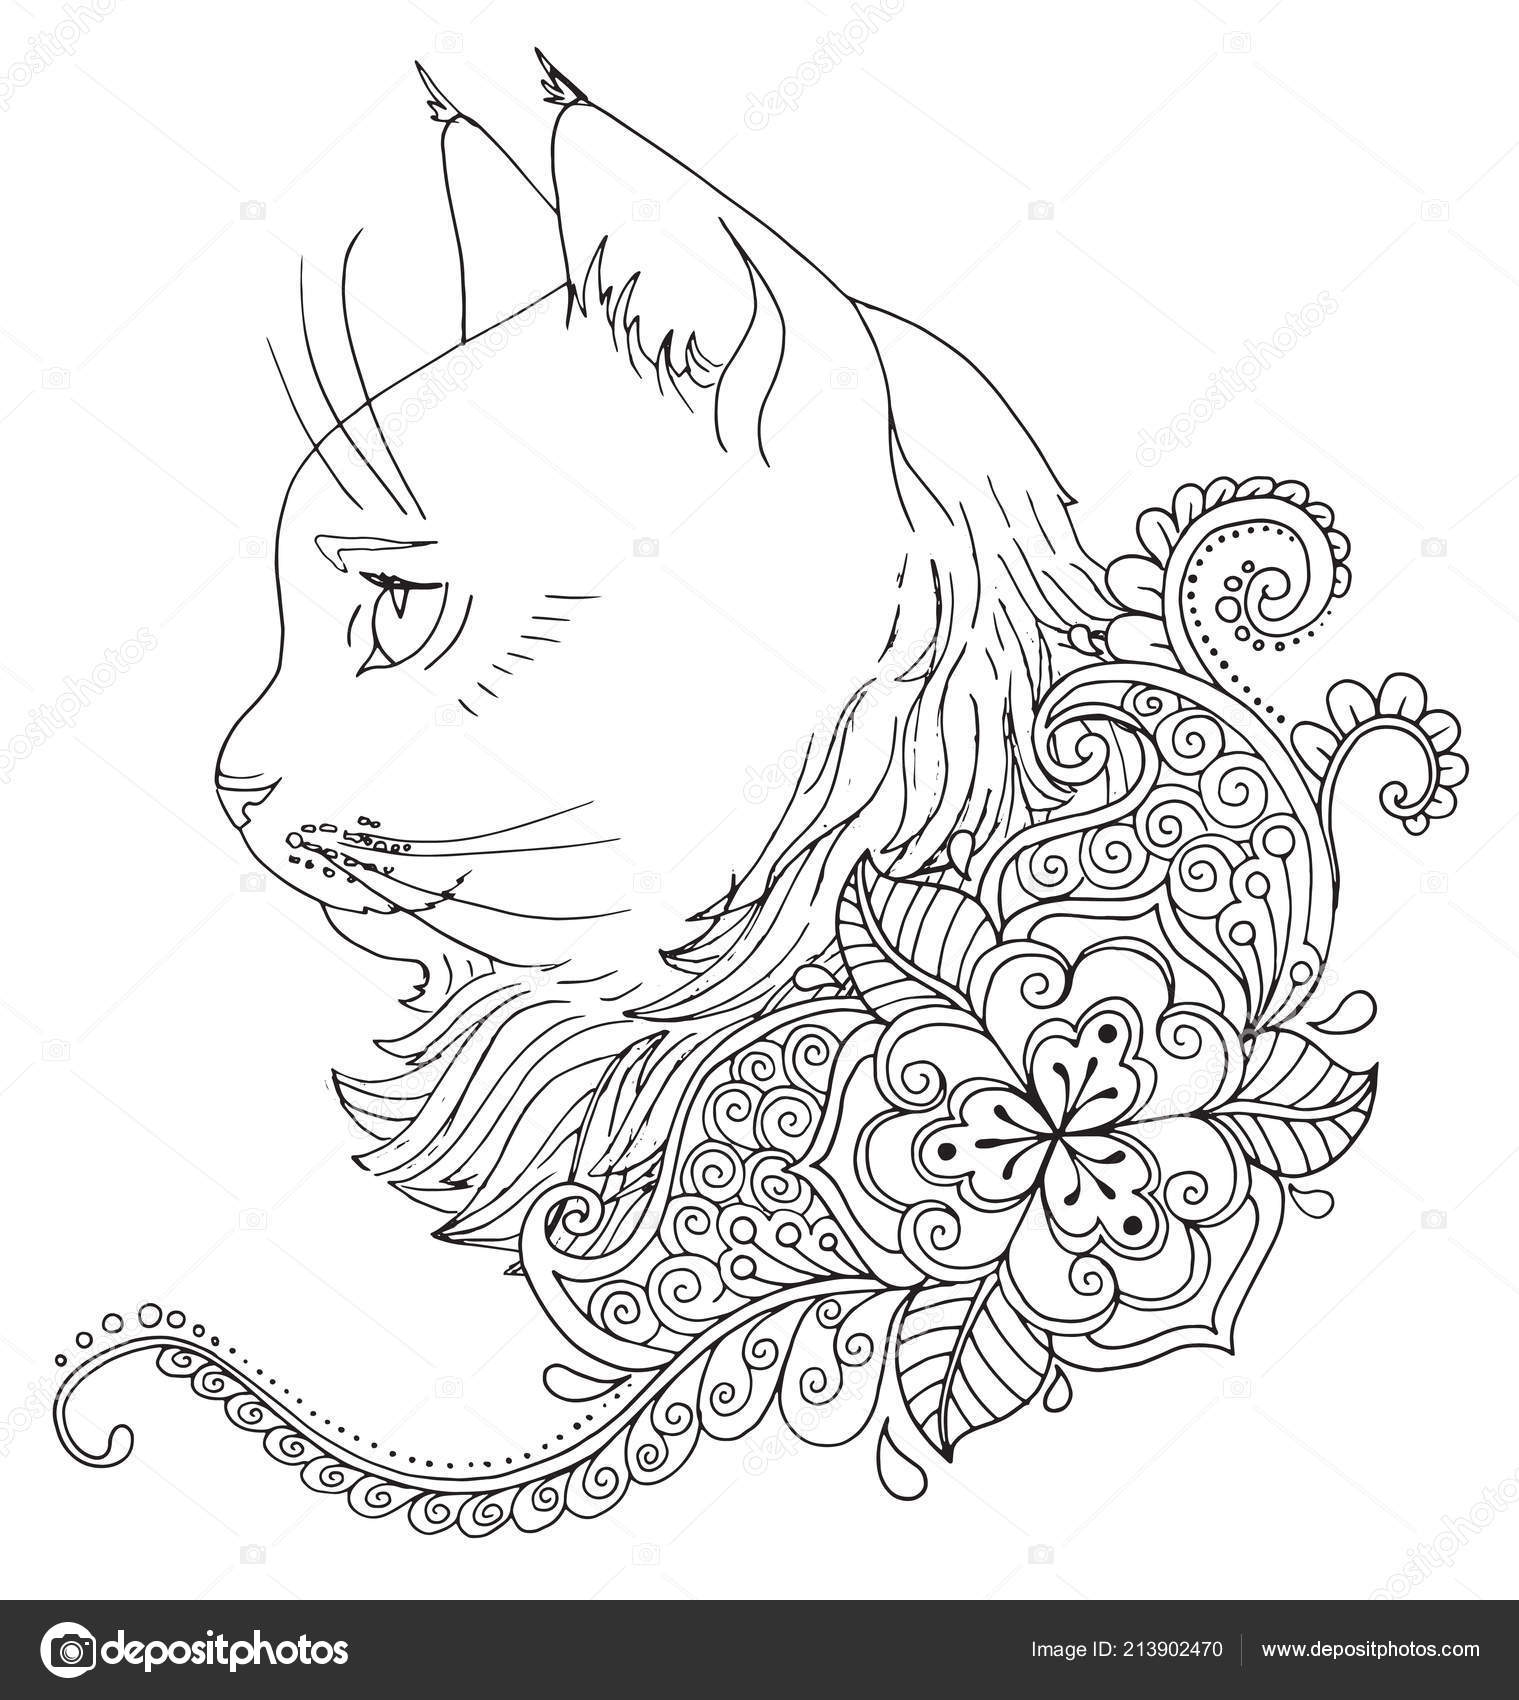 Coloriage Chat Avec Des Fleurs.Livre De Coloriage Chat Image Vectorielle Snowkat C 213902470